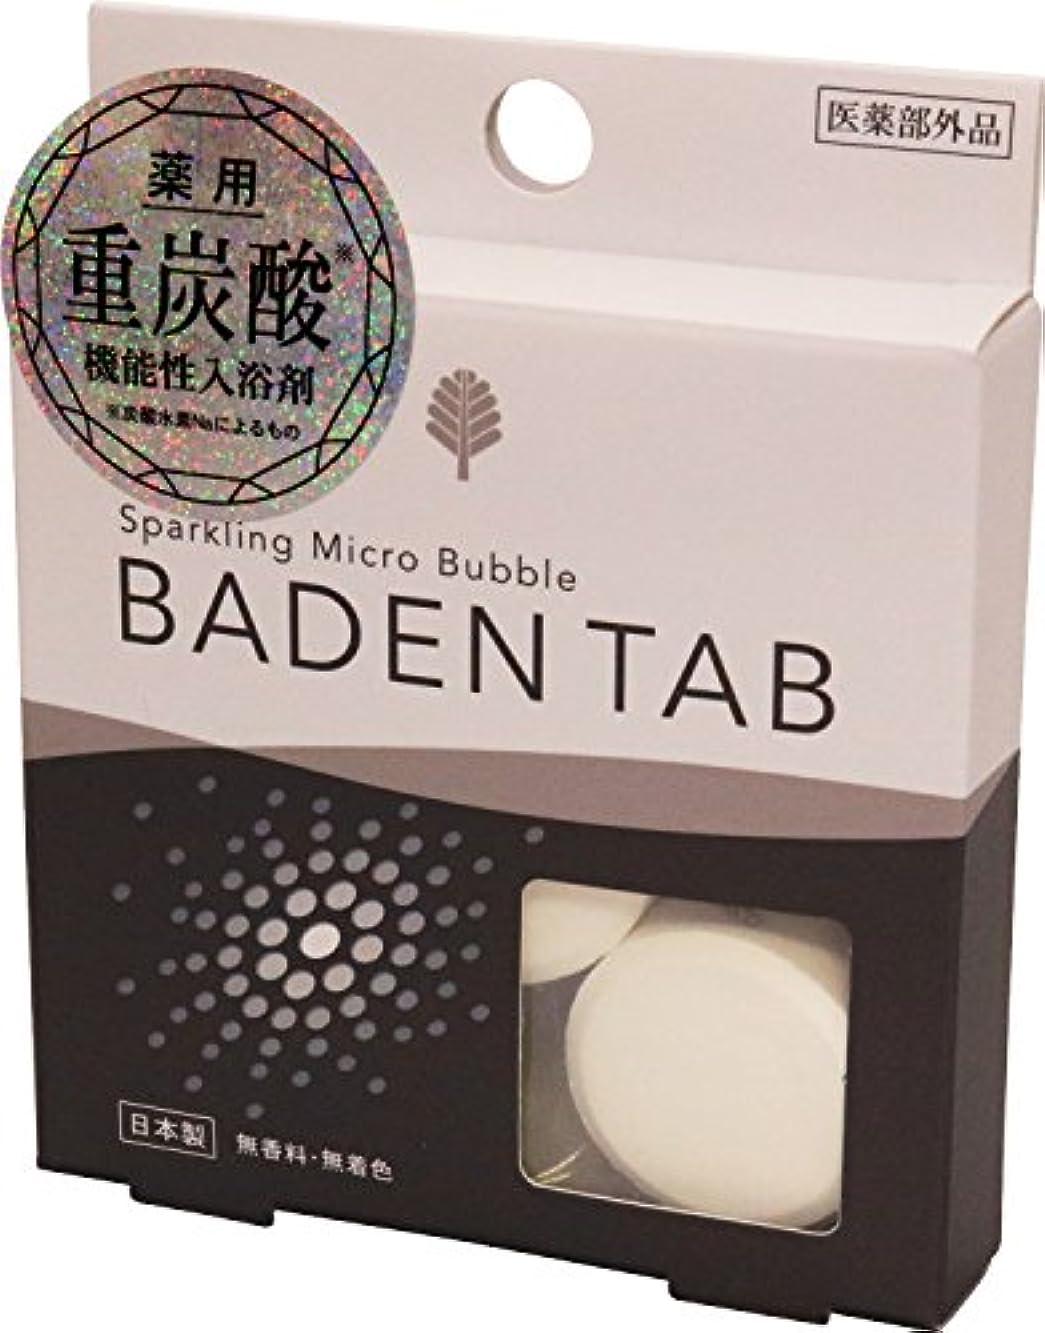 陪審傾く生理薬用 重炭酸 機能性入浴剤 バーデンタブ 5錠